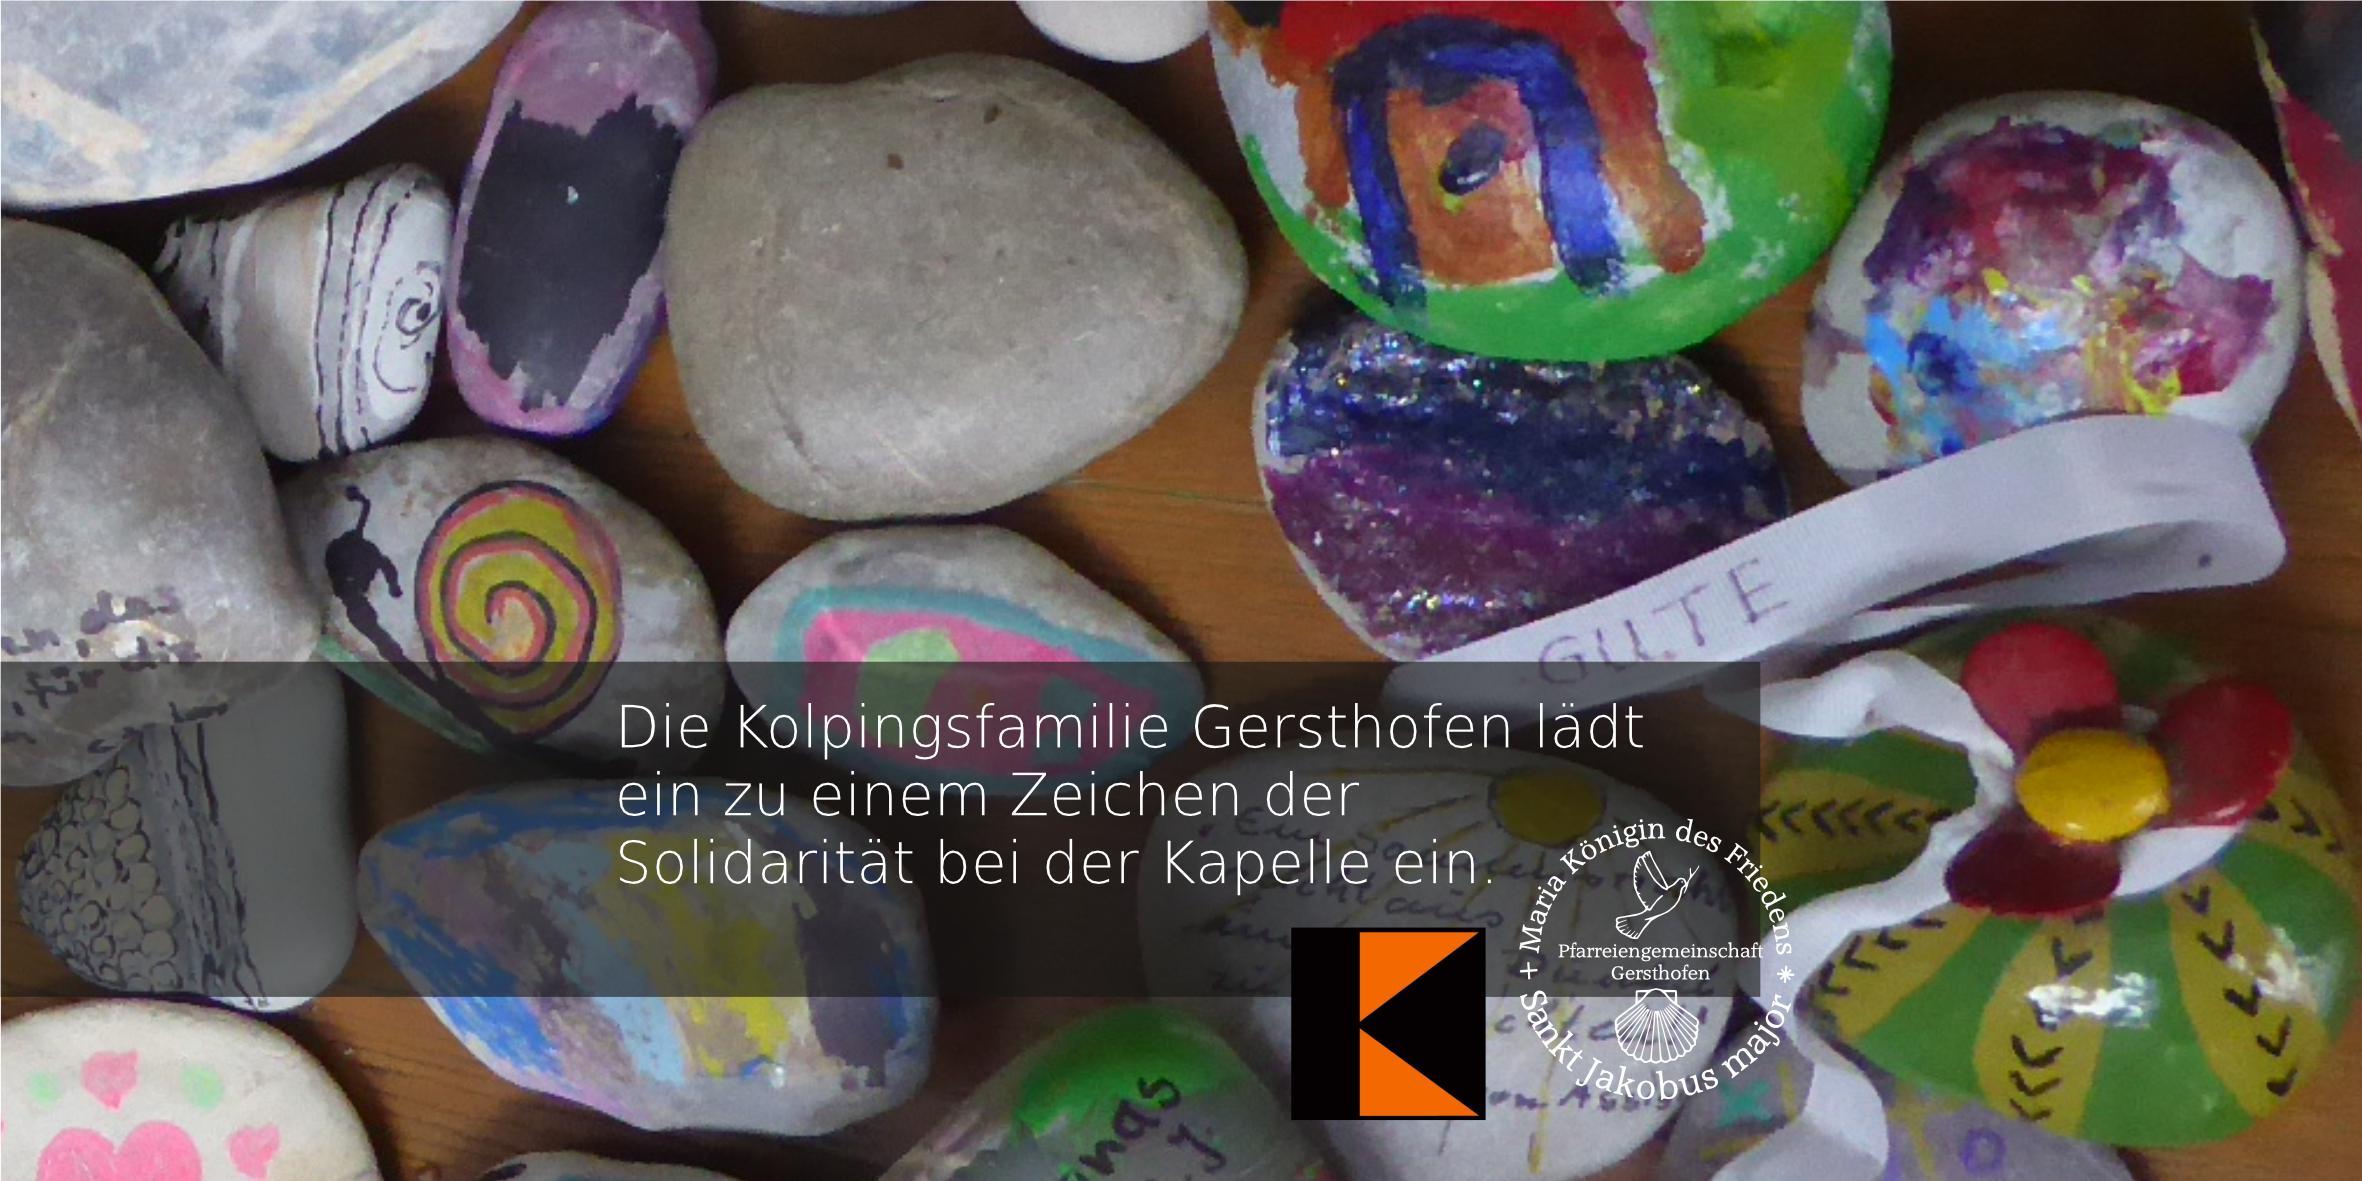 Die Kolpingsfamilie Gersthofen lädt ein zu einem Zeichen der Solidarität bei der Kapelle ein.